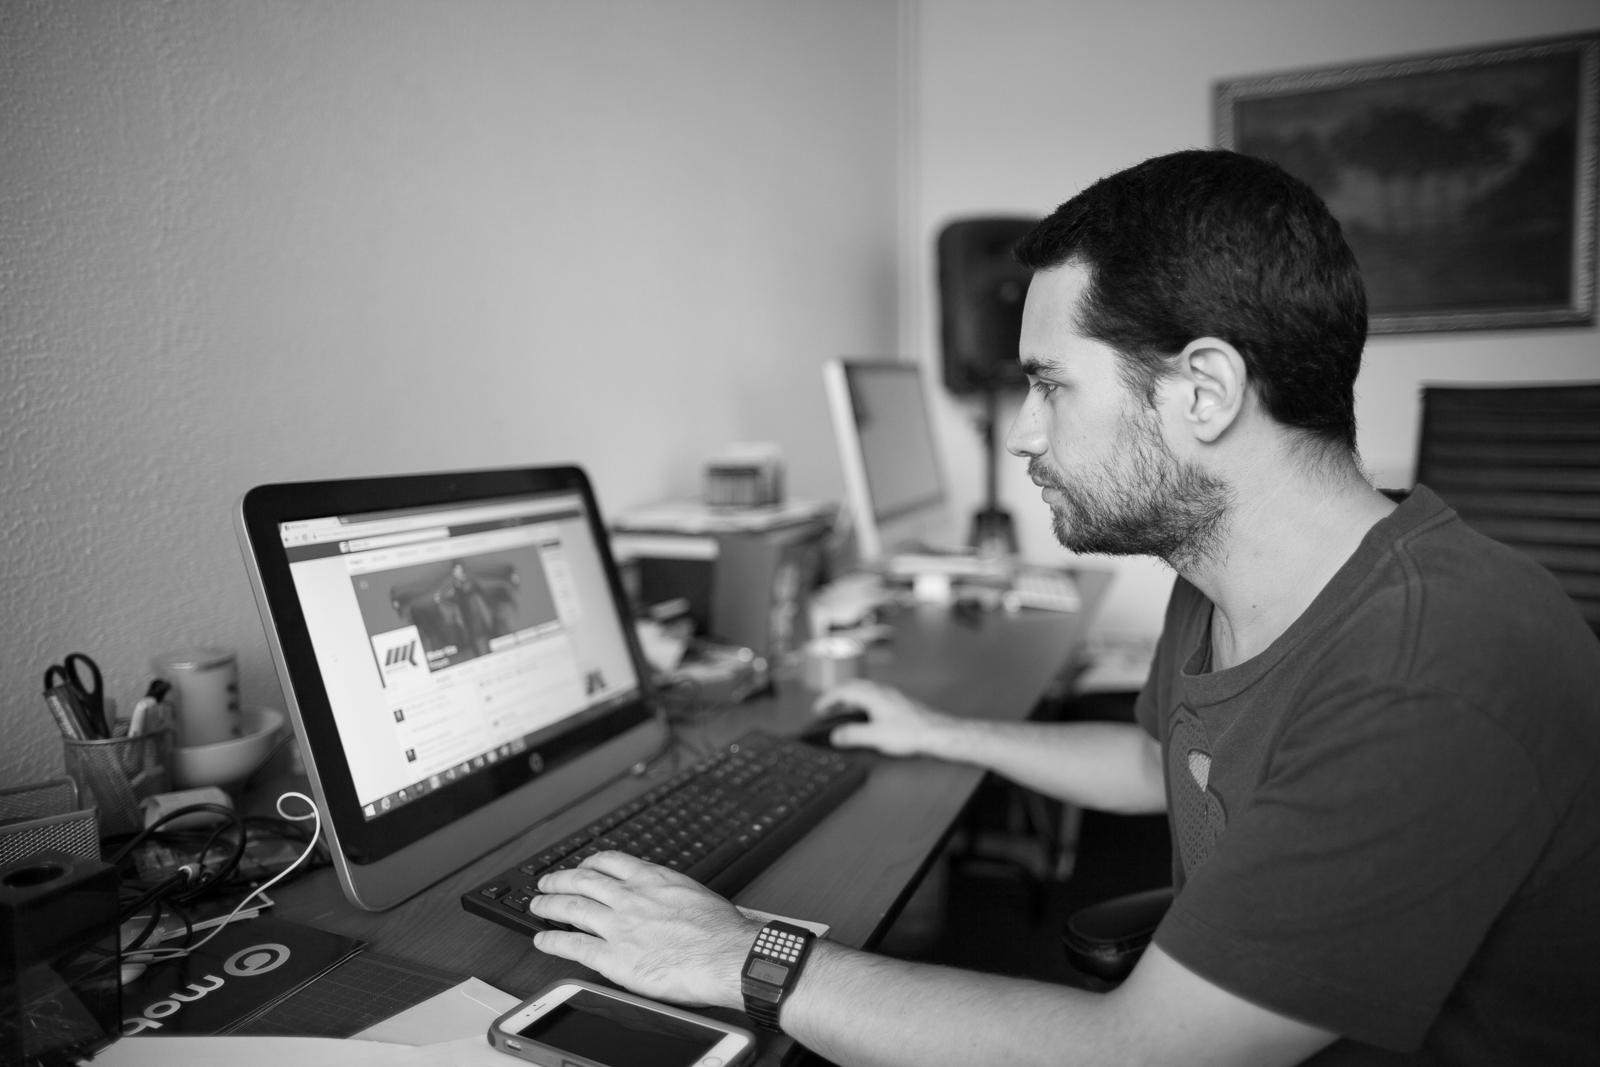 Luis, actualizando facebook.  Luis updating facebook page